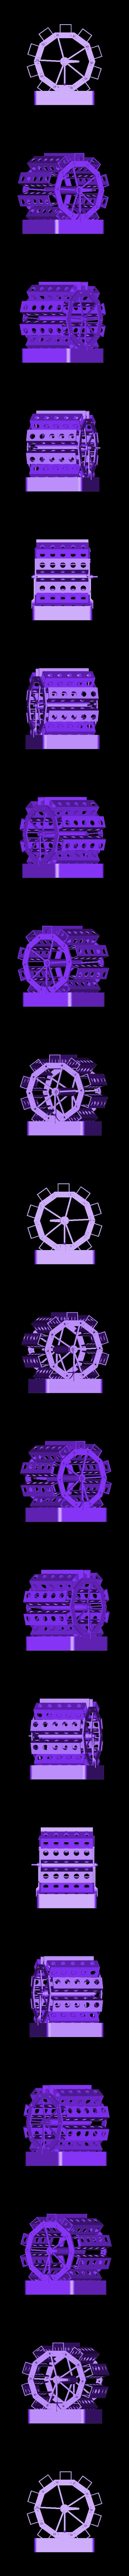 rotary_plant_3.obj Télécharger fichier OBJ gratuit jardin rotatif 3 • Design pour impression 3D, veganagev